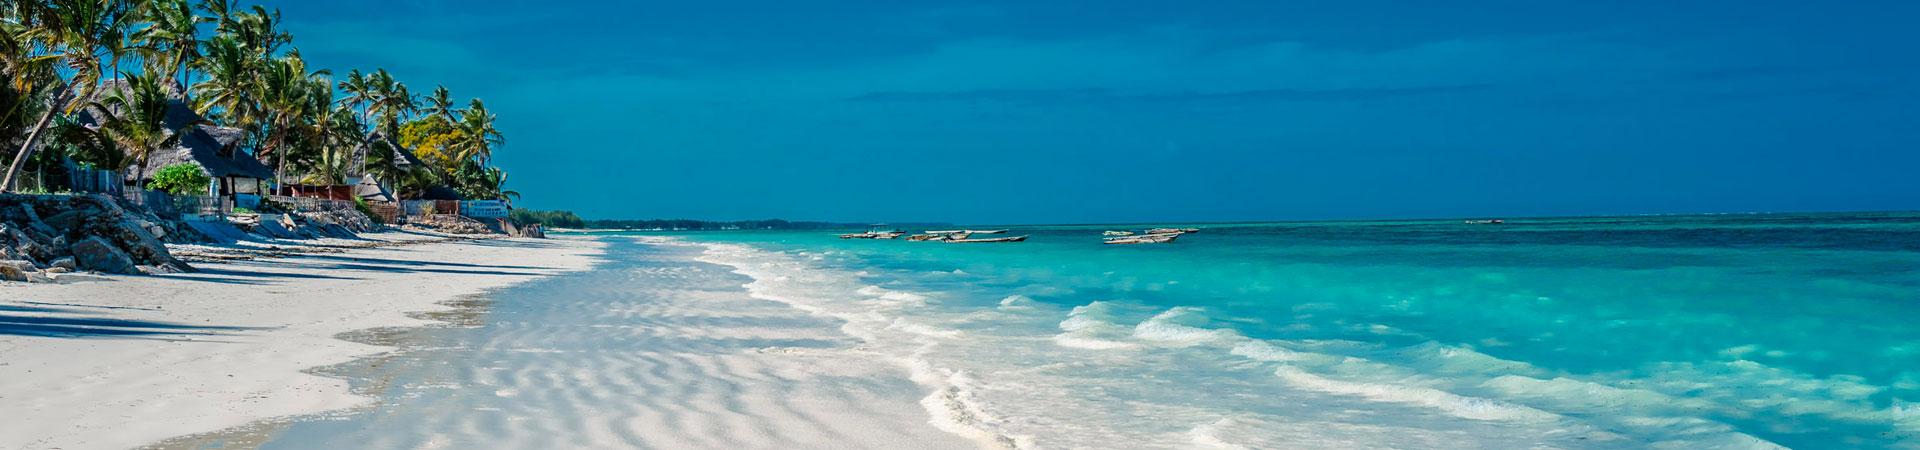 7-Days-Zanzibar-Beach-Honeymoon